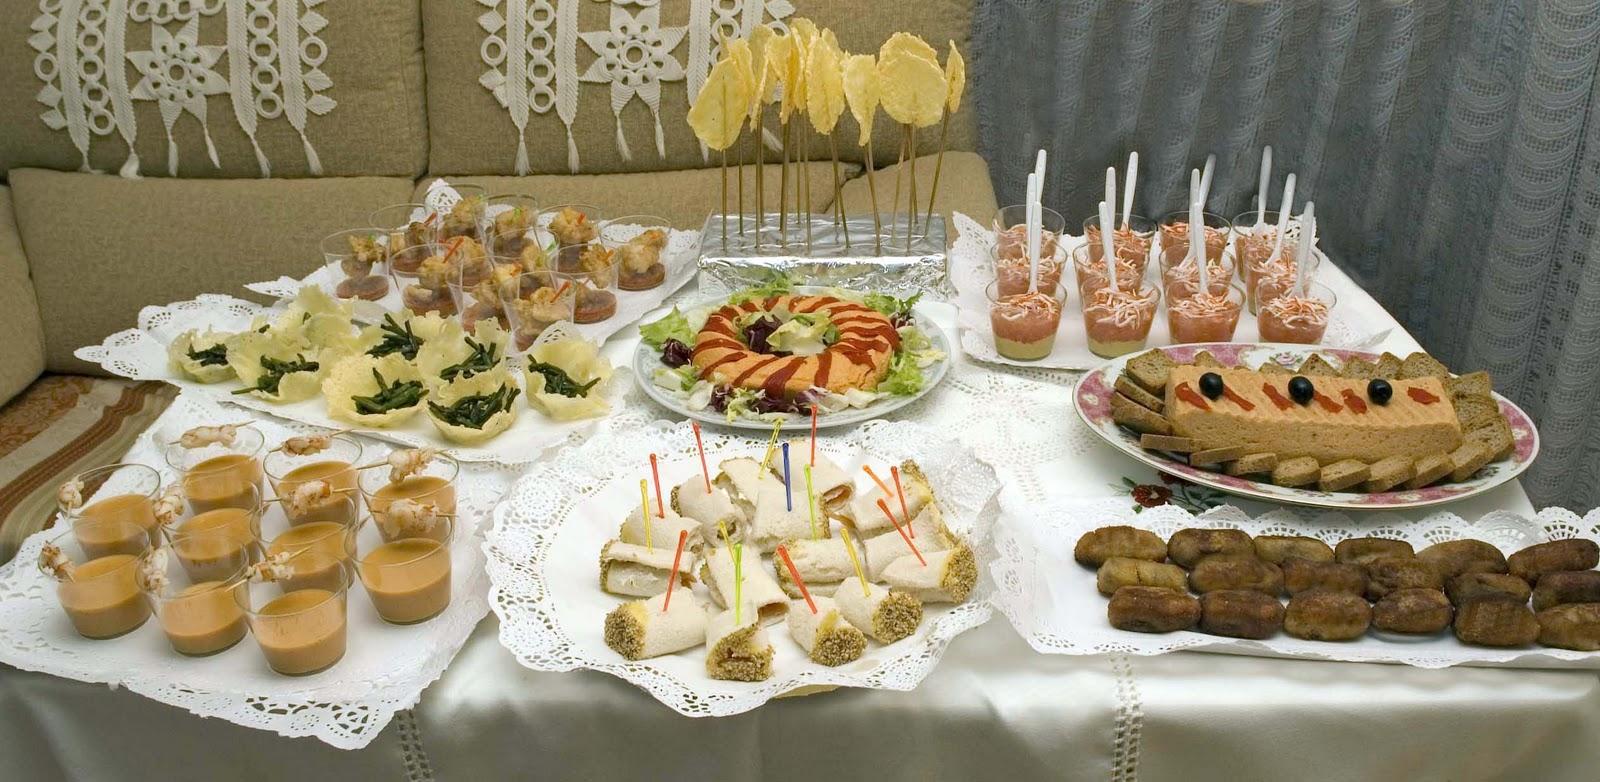 Recetas para una cena de amigos - Ideas cena amigos ...